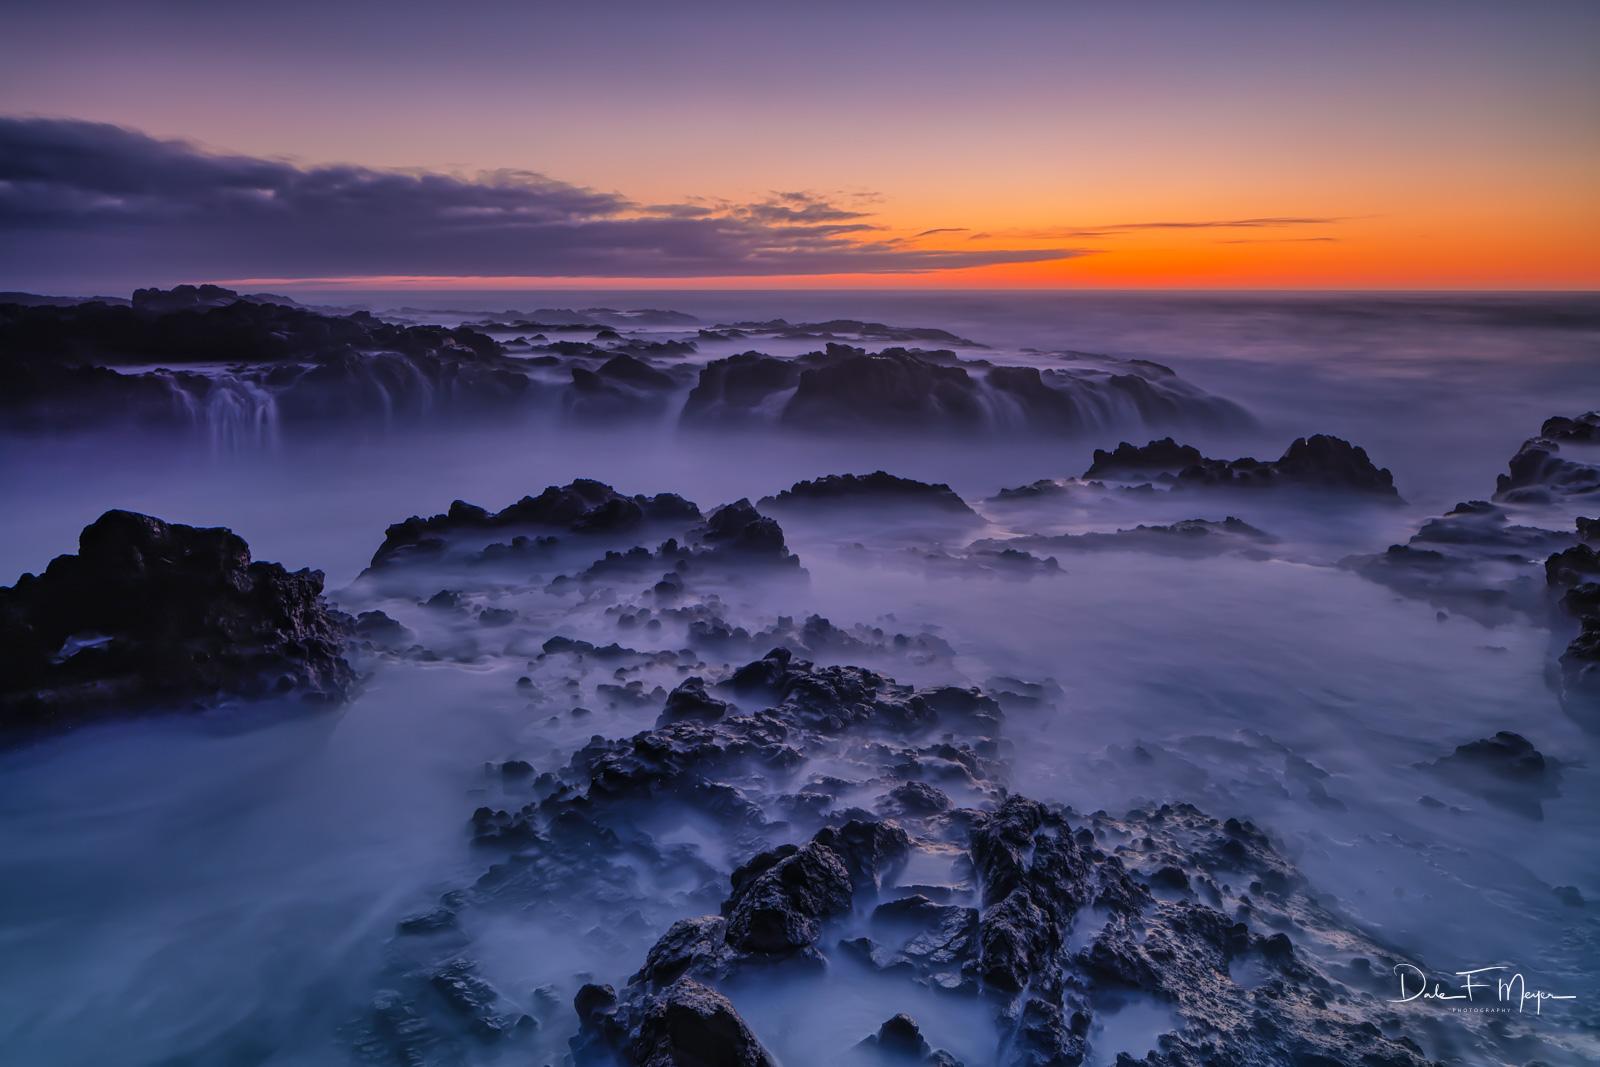 Cape Perpetua Scenic Area, Oregon Coast, Oregon Gallery, Yachats Oregon, fall 2016, long exposure, sunset